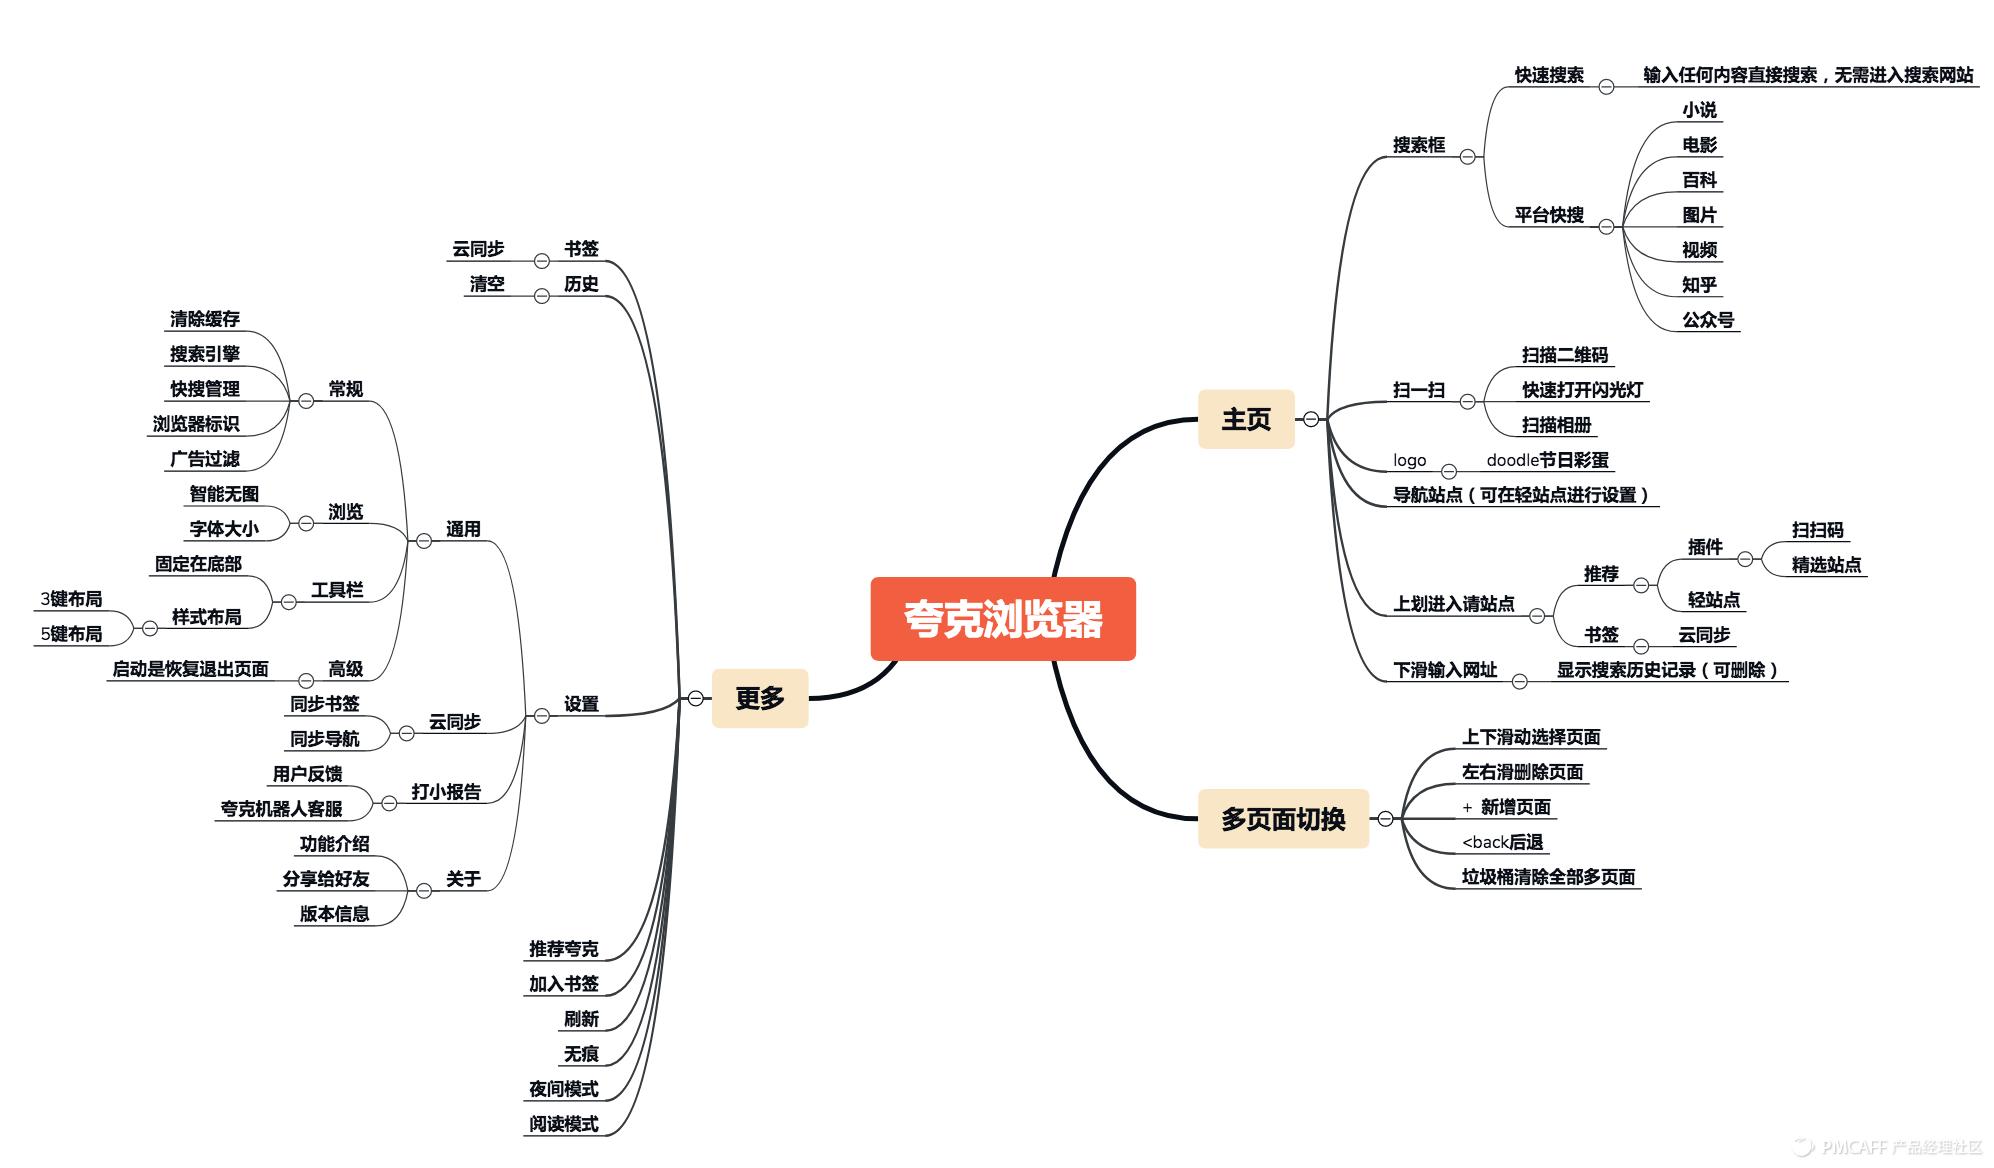 夸克浏览器功能脑图.png